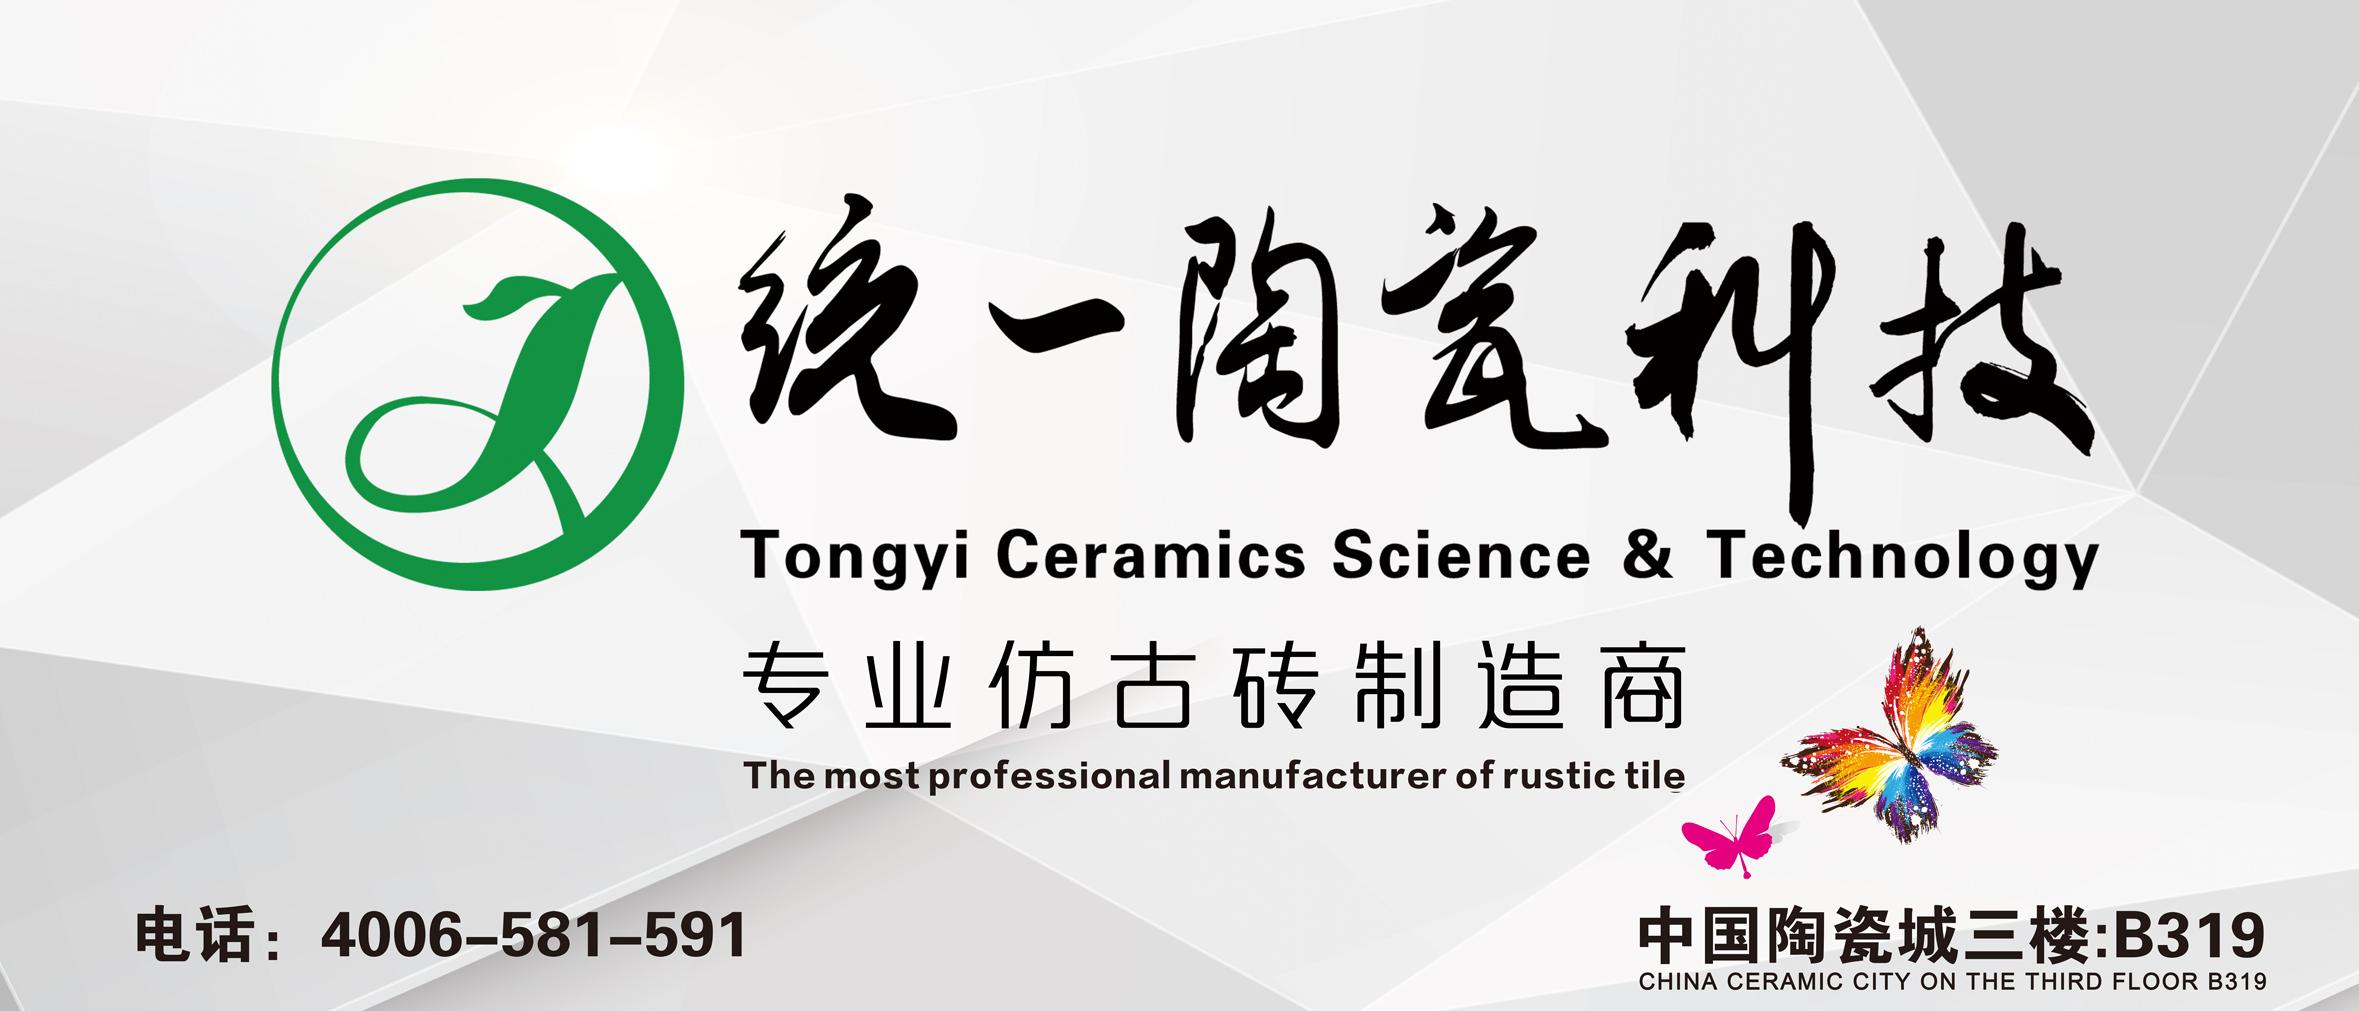 「品牌专访」坚持自主创新之路――统一陶瓷科技